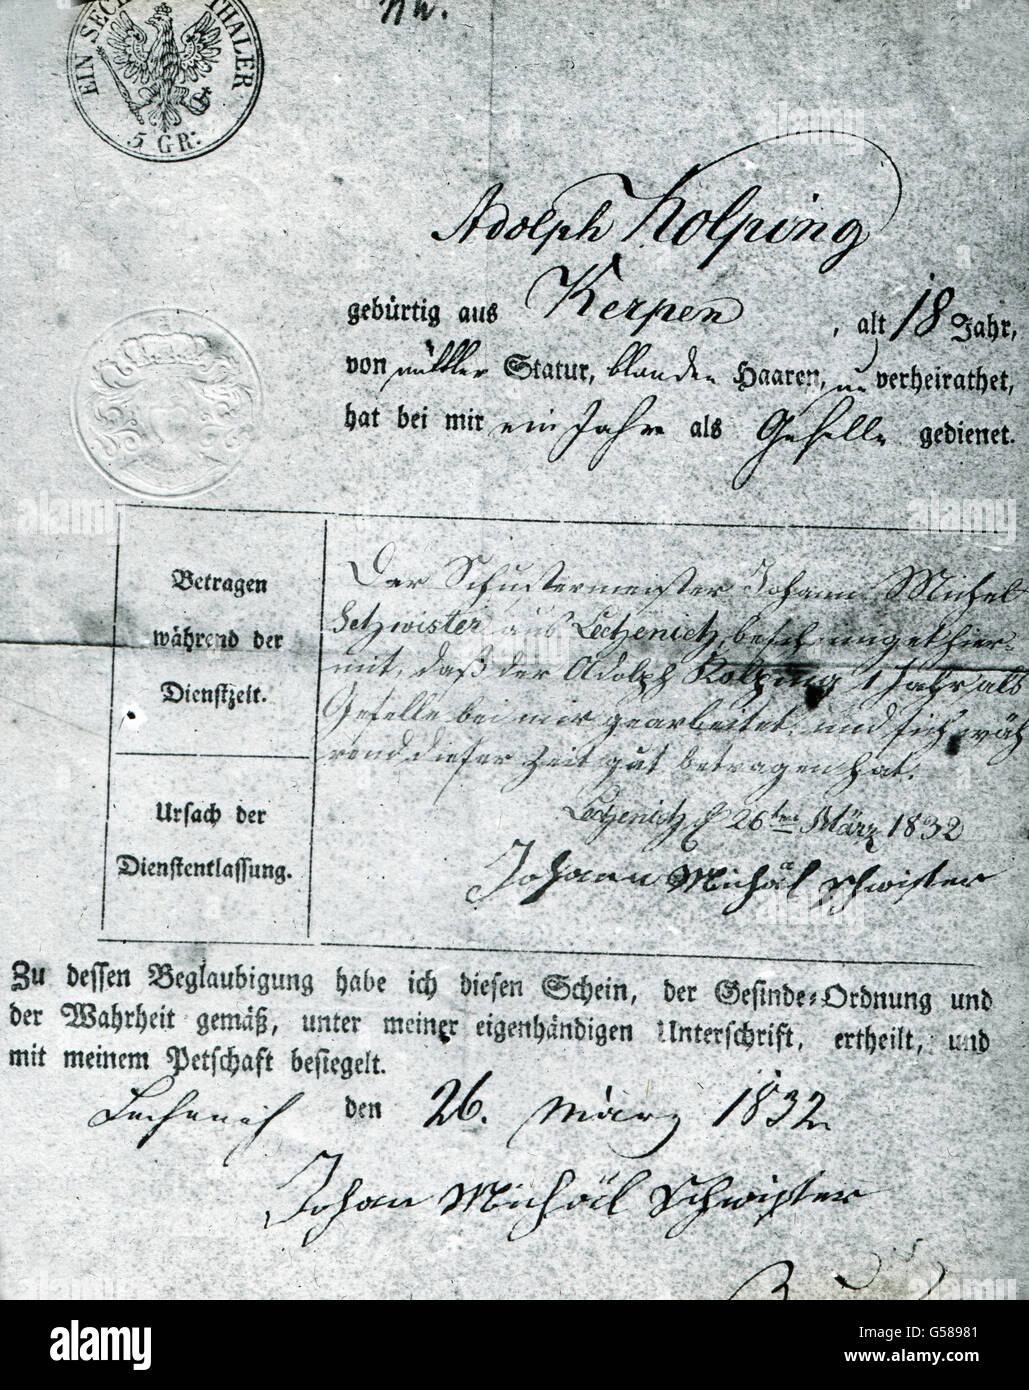 4 Bin Juli 1833 Starb Mutter Von Adolph Kolping Heißt Er Später In